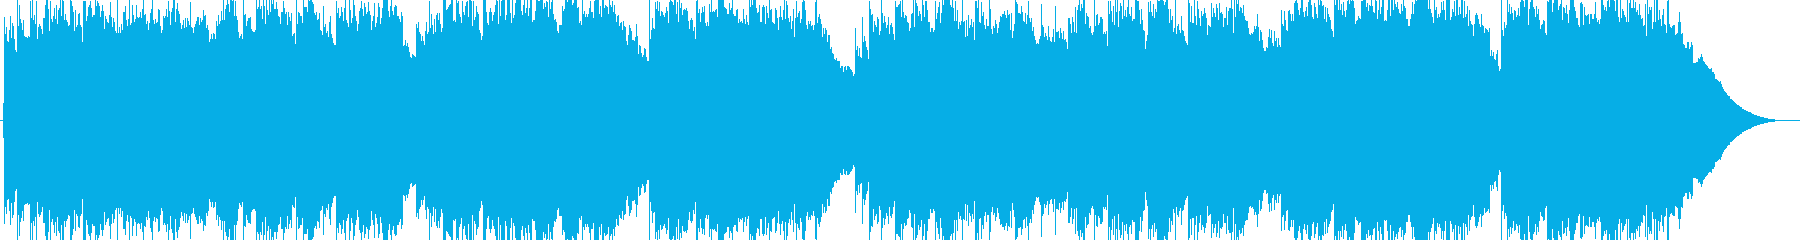 ほのぼのクラシックギターソロの再生済みの波形